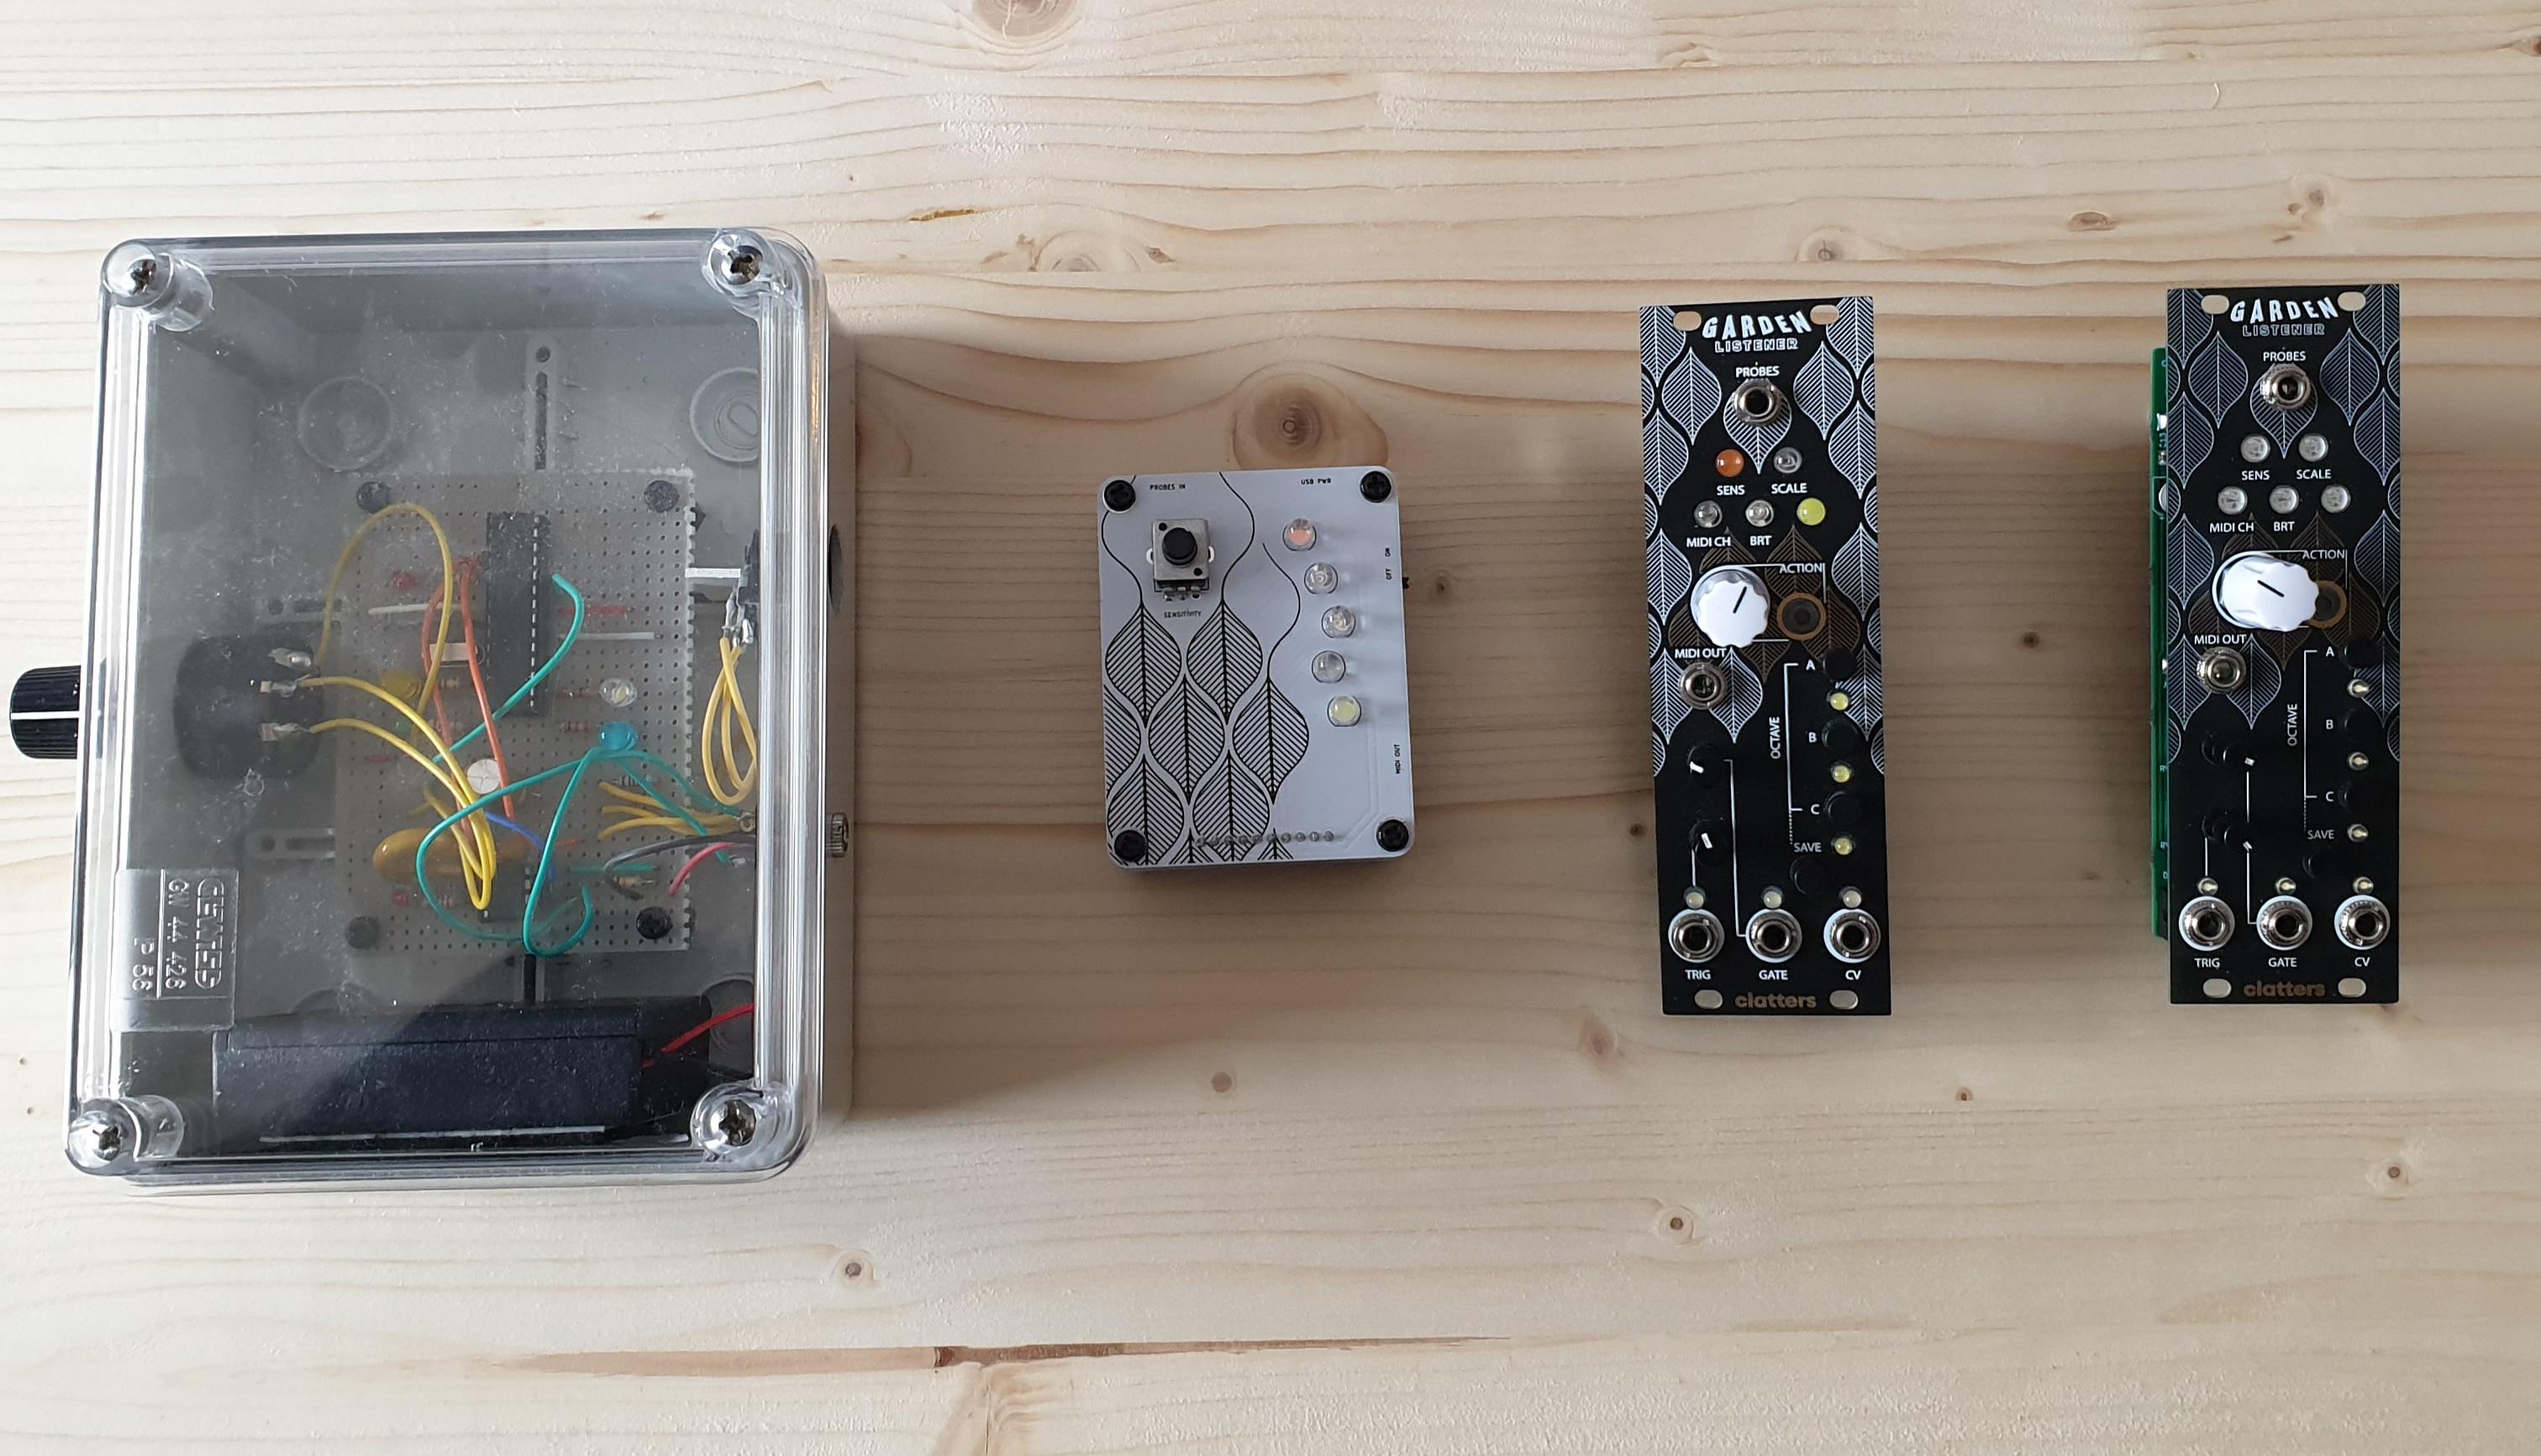 Prototypes // Garden Listener // Clatters Machines